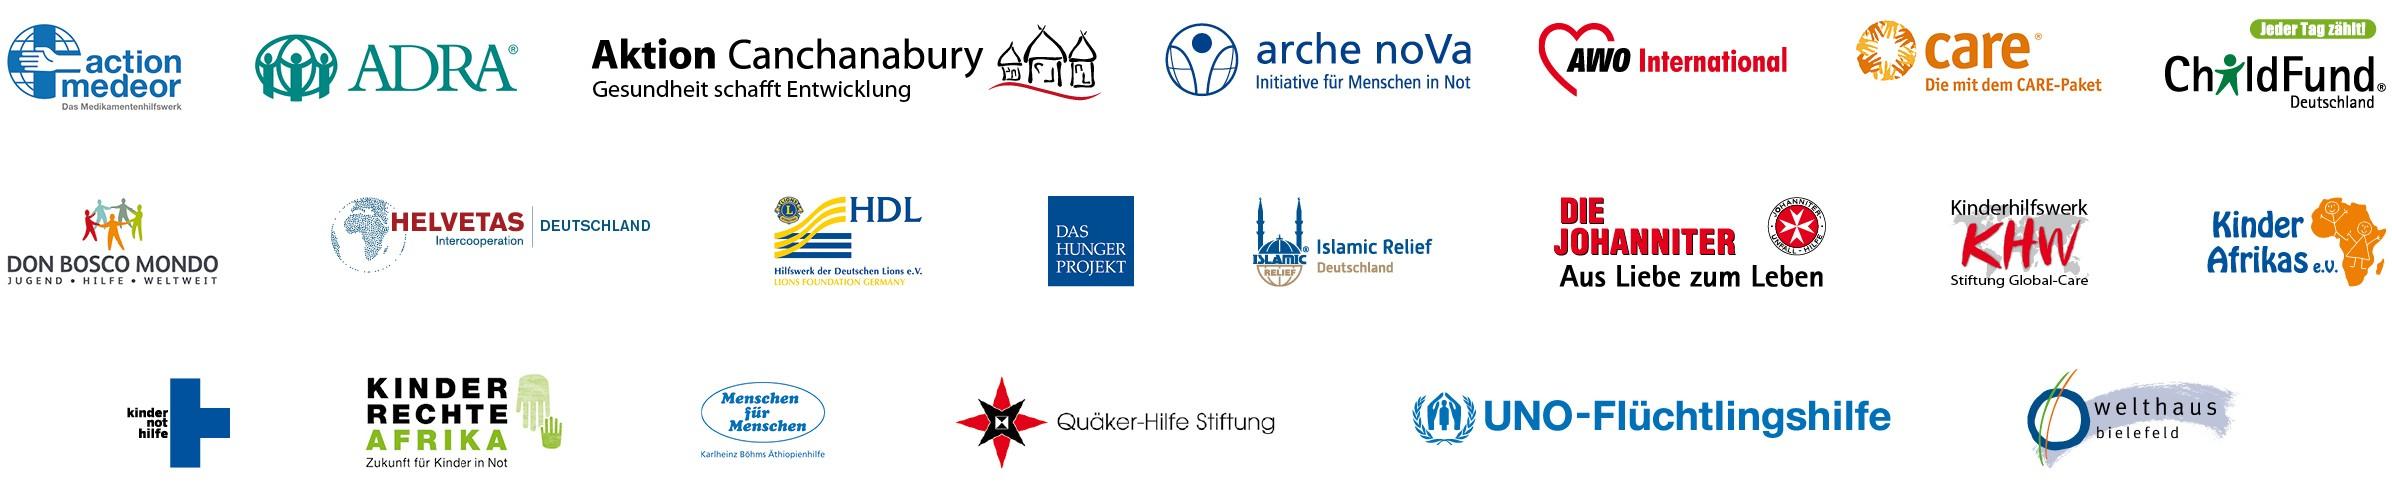 Logoleiste - Mitgliedsorganisationen 2017